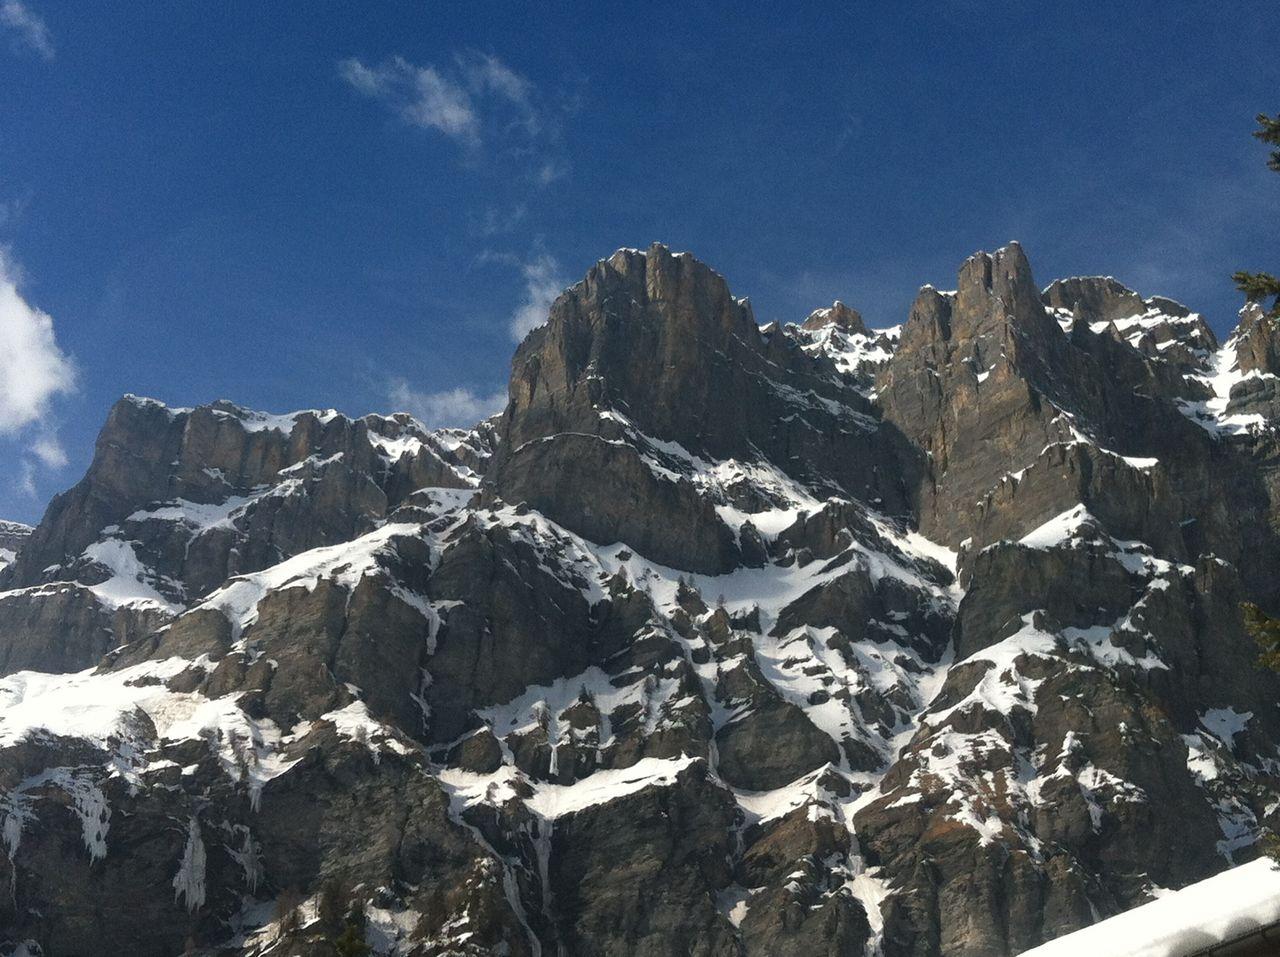 Klettersteig Leukerbad : Daubensee in spring bild von klettersteig gemmi daubenhorn